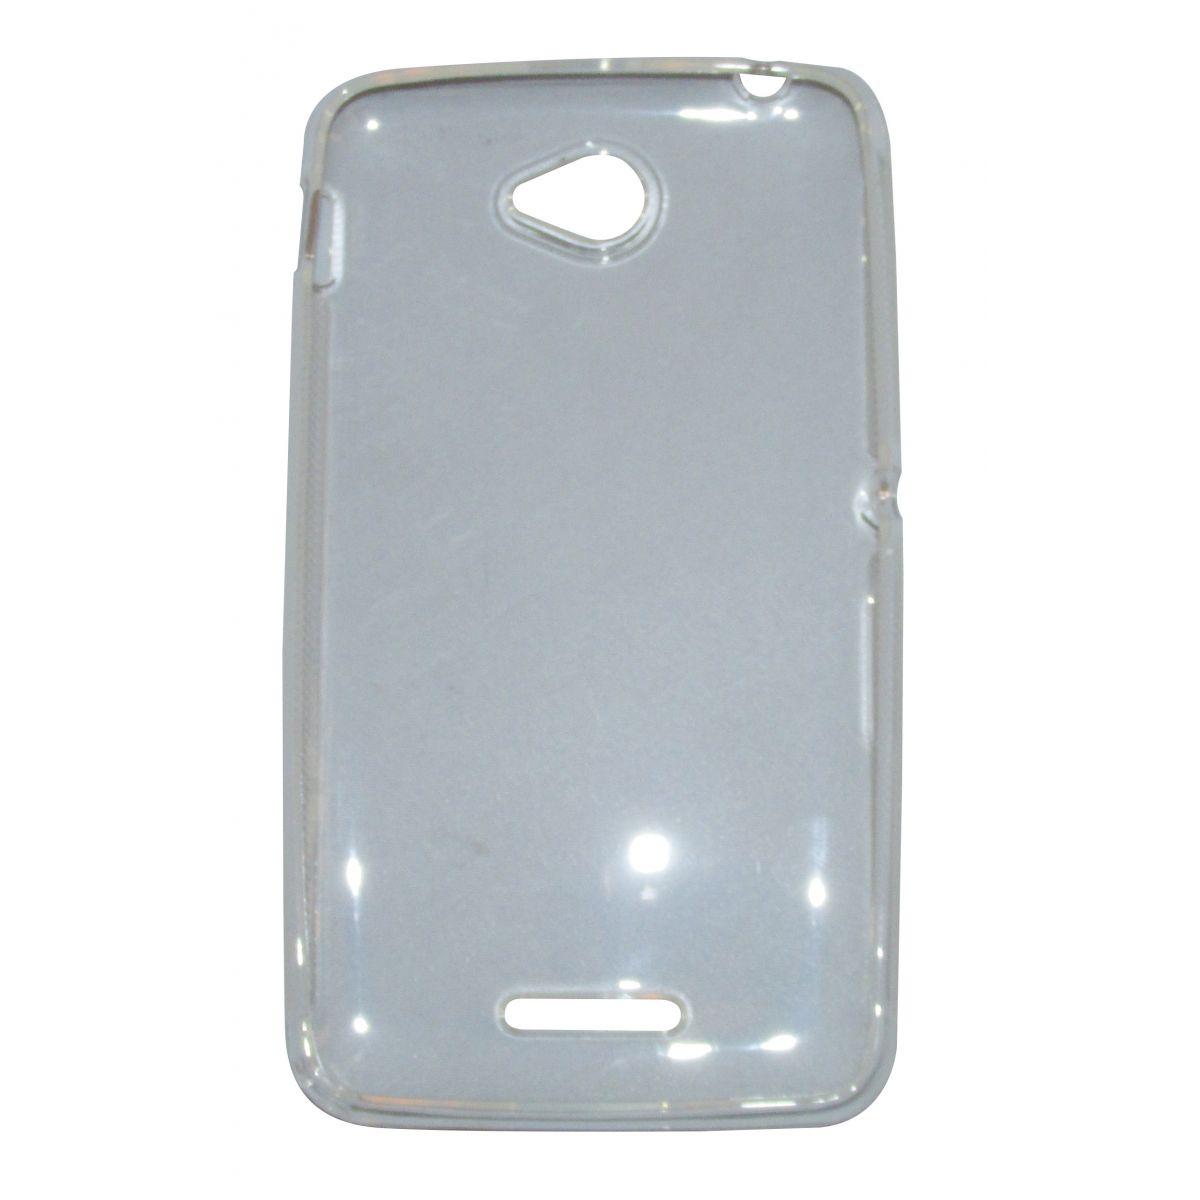 Capa TPU Transparente Sony Xperia E4 E2104 E2105 + Película Flexível